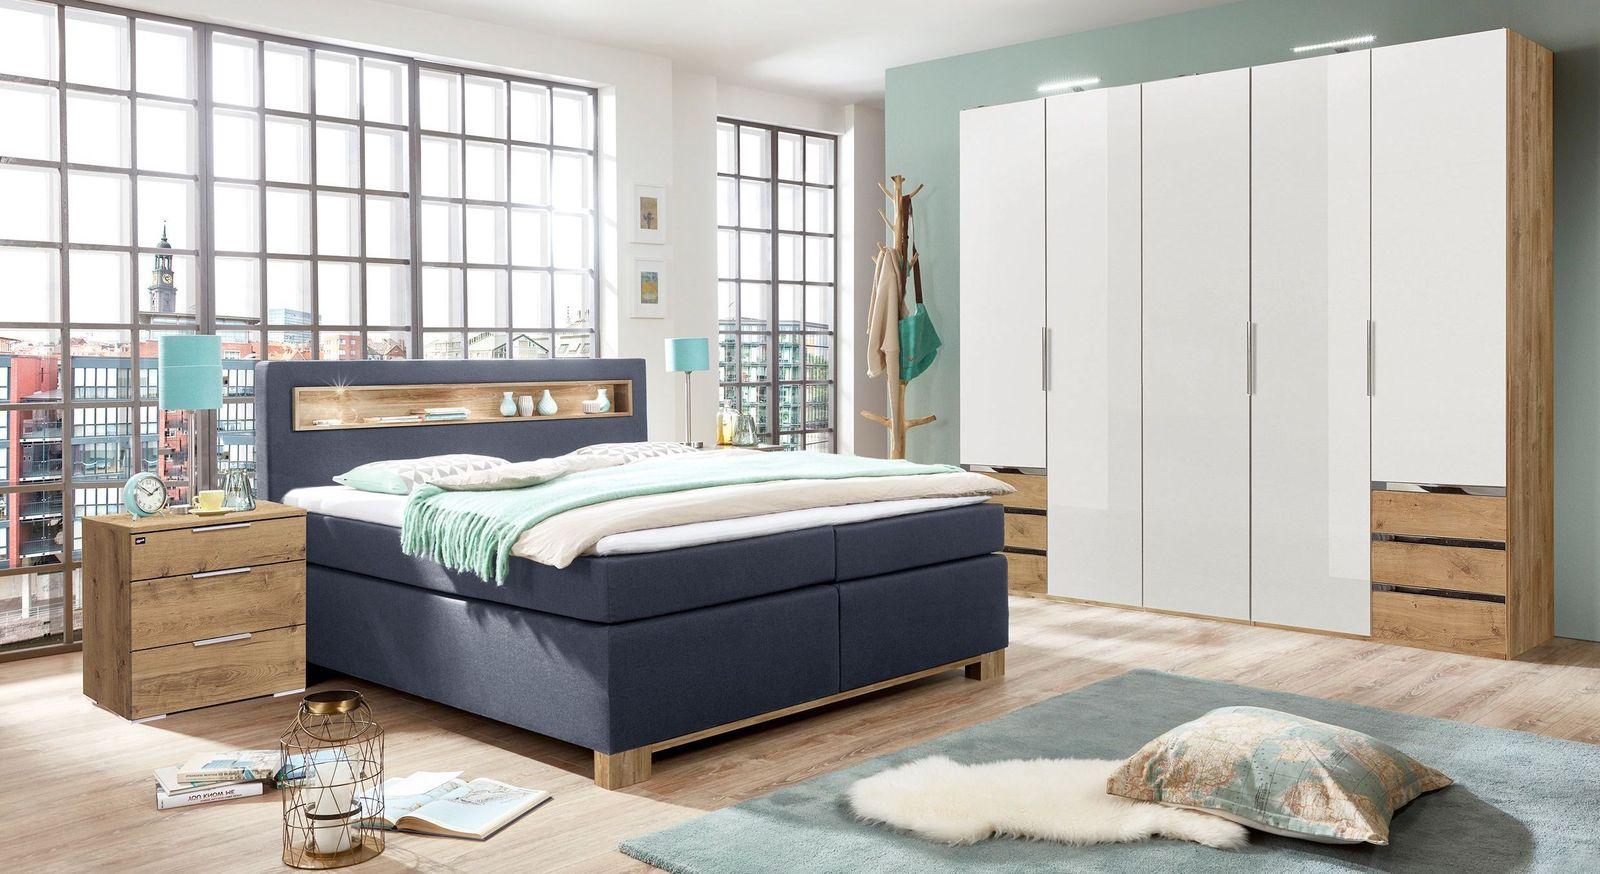 Zimmer Valloria mit passenden Schlafzimmermöbeln